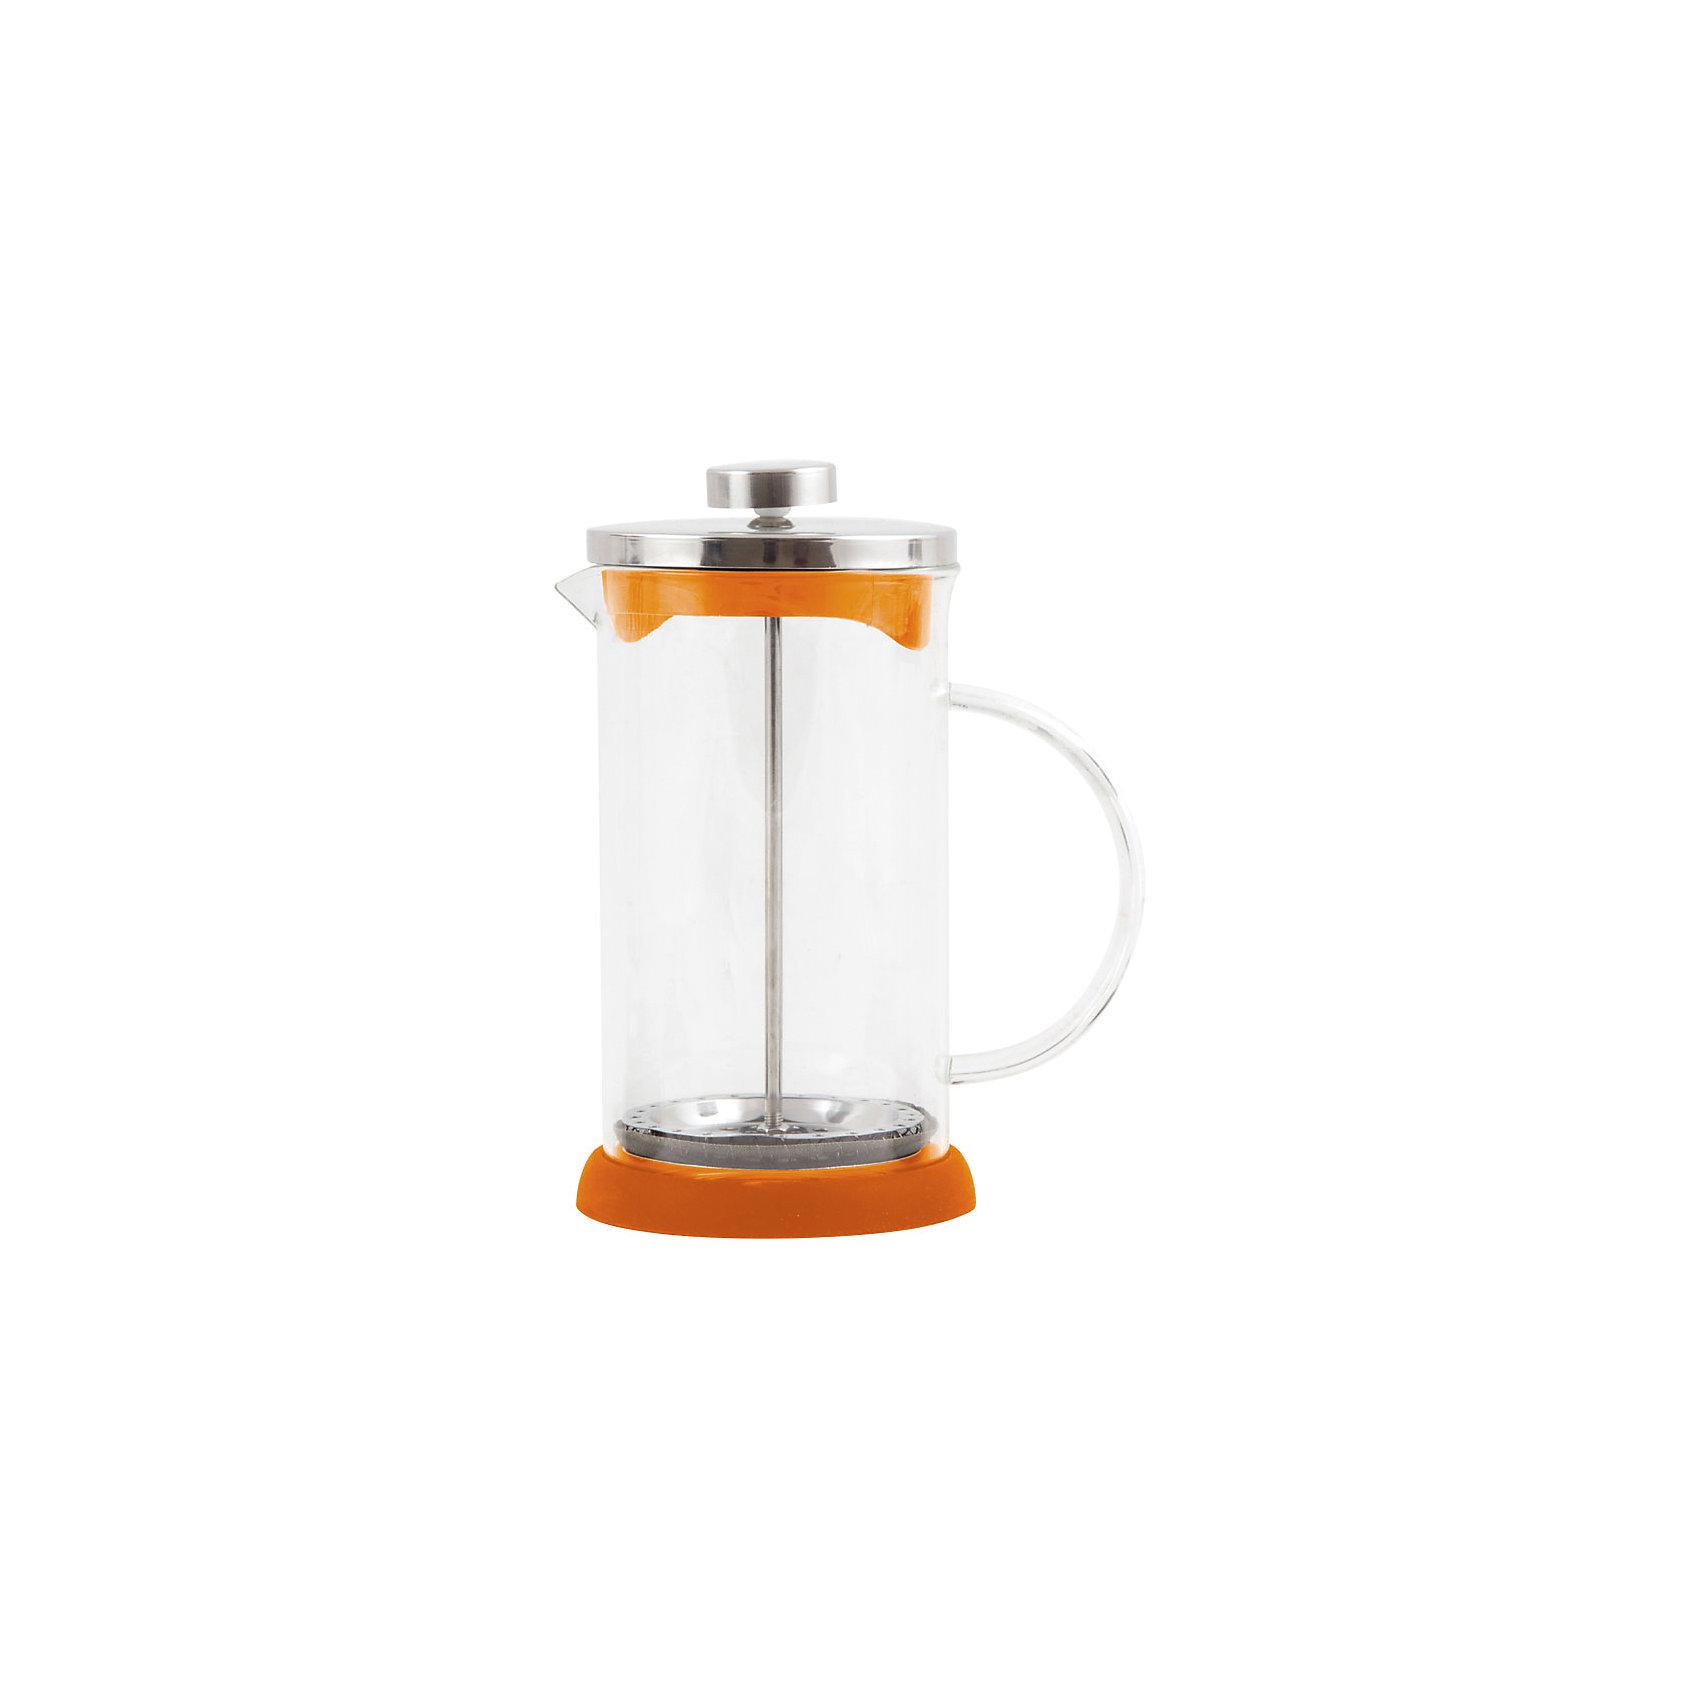 Кофе-пресс стеклянный GFP01-1000ML-O, Mallony, оранжевыйБытовая техника для кухни<br>Заварить чай или подать кофе – кофе-пресс Mallony поможет в этом. Прозрачная стеклянная колба дает возможность увидеть насыщенный цвет чая, рассмотреть, как раскрываются чайные листья, набухают и отдают свой цвет, наполняя кухню ароматом свежеприготовленного напитка. После того, как чай настоится, специальный пресс опускается, листья плотно прижимаются ко дну чайника, чаинки не попадают в чашку.<br><br>Дополнительная информация:<br><br>Высота чайника: 22 см<br>Объем: 1 л<br><br>Материал: стекло, нержавеющая сталь, силикон, пластик.<br><br>Упаковка: цветная индивидуальная коробка.<br><br>Кофе-пресс стеклянный GFP01-1000ML-O, Mallony, оранжевый можно купить в нашем интернет-магазине.<br><br>Ширина мм: 155<br>Глубина мм: 114<br>Высота мм: 209<br>Вес г: 596<br>Возраст от месяцев: 216<br>Возраст до месяцев: 1080<br>Пол: Унисекс<br>Возраст: Детский<br>SKU: 4989864